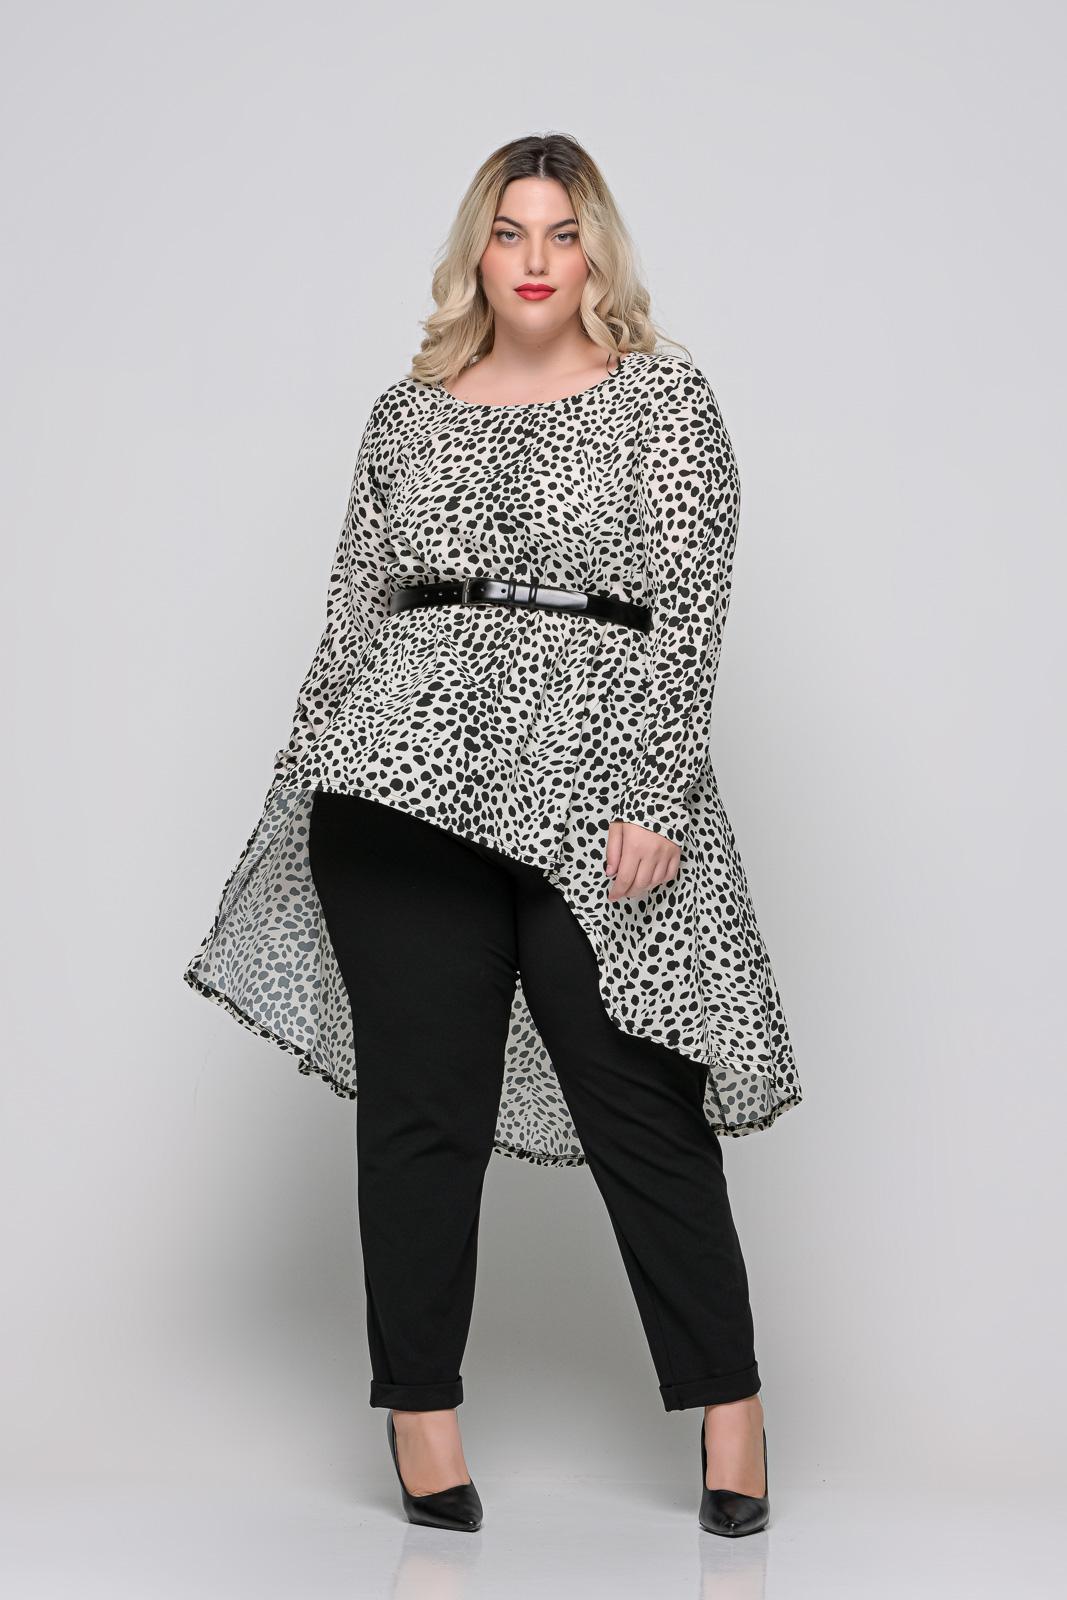 Μπλούζoφόρεμα μεγάλα μεγέθη ζορζέτα λεοπάρ ασύμμετρο. Στο eshop μας θα βρείτε οικονομικά γυναίκεια ρούχα σε μεγάλα μεγέθη και υπερμεγέθη.